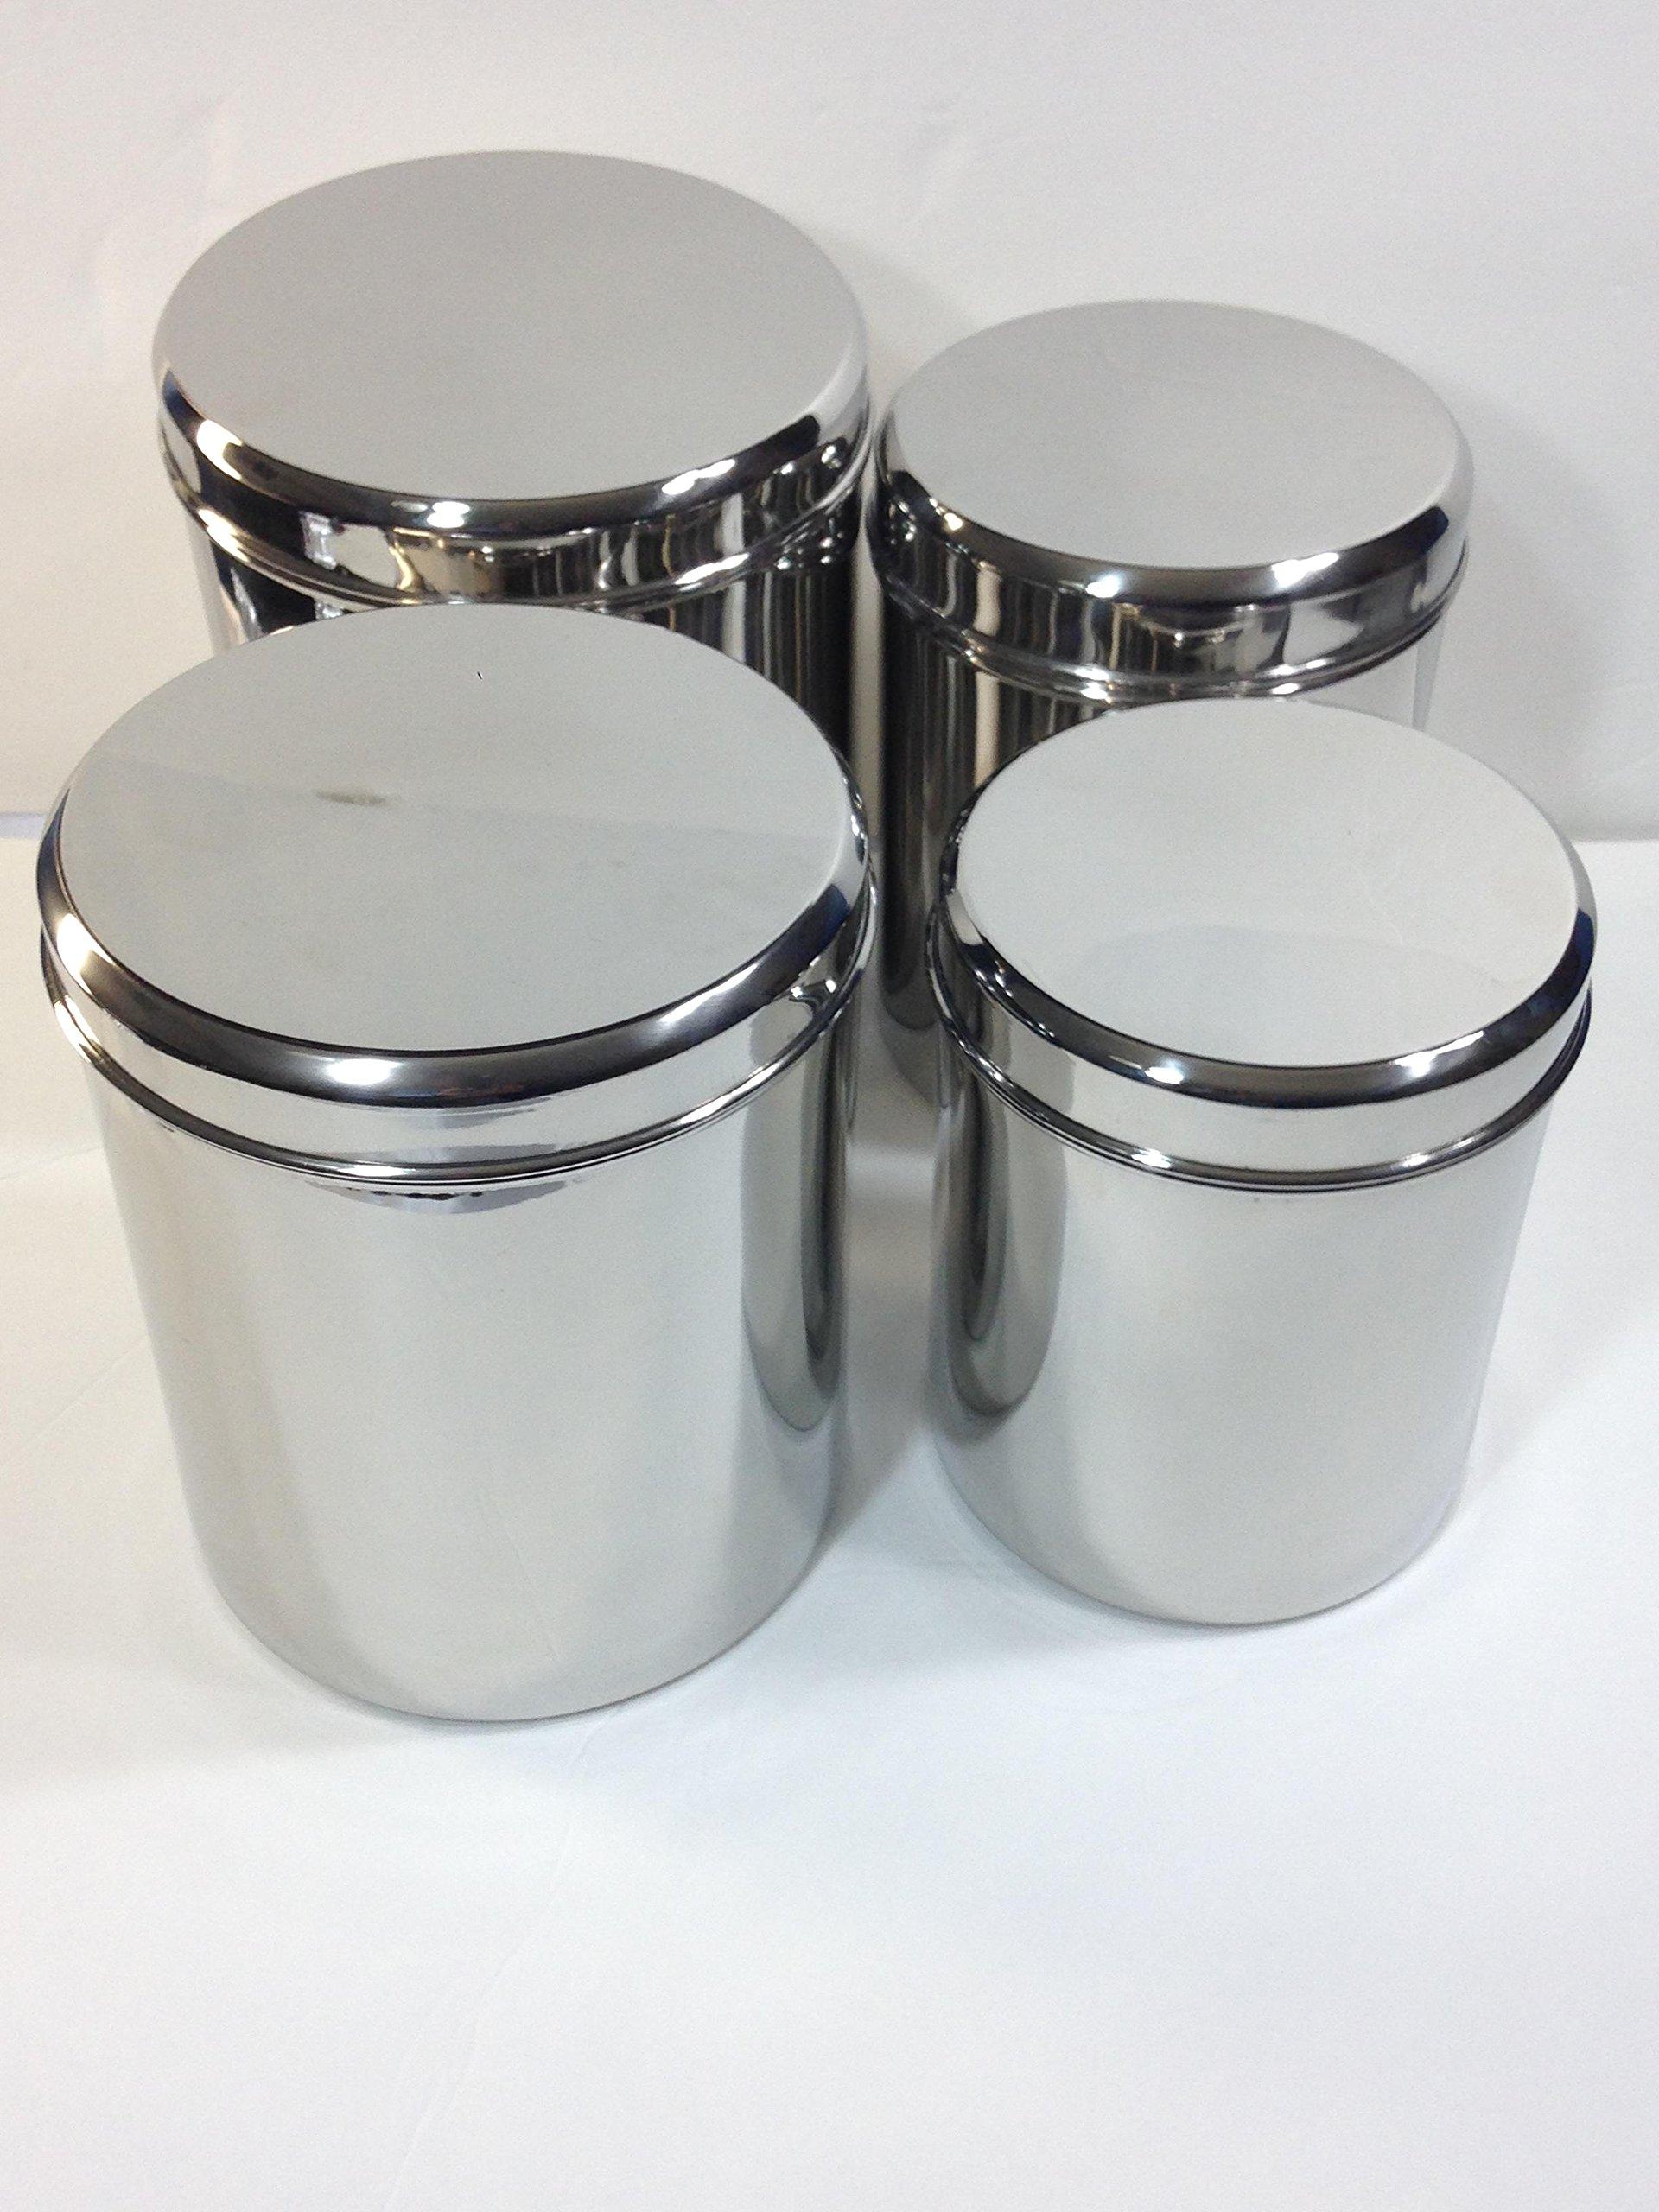 Qualways Jumbo Stainless Steel Kitchen Canister Set of 4 (Set of 4), 6.5 lb, 5 lb. 4 lb and 3 lb canister set